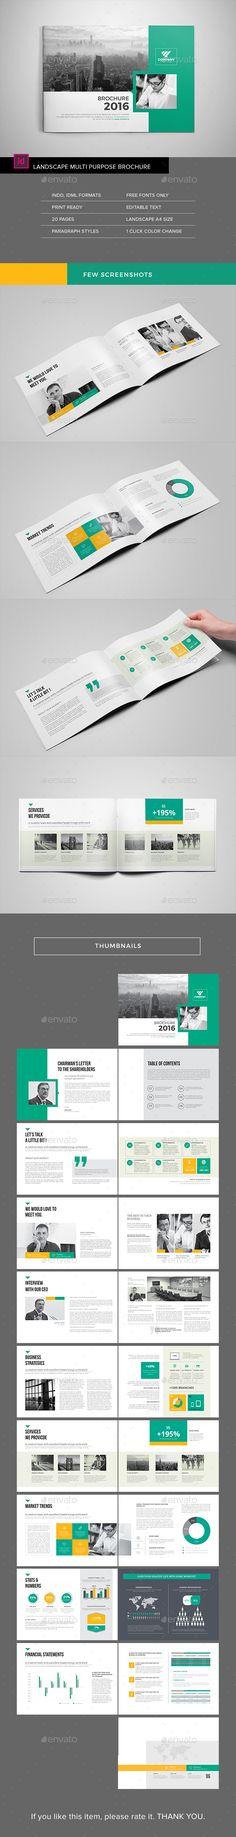 Multipurpose Landscape Brochure — InDesign INDD #brochure #bi-fold • Download ➝ https://graphicriver.net/item/multipurpose-landscape-brochure/18442395?ref=pxcr